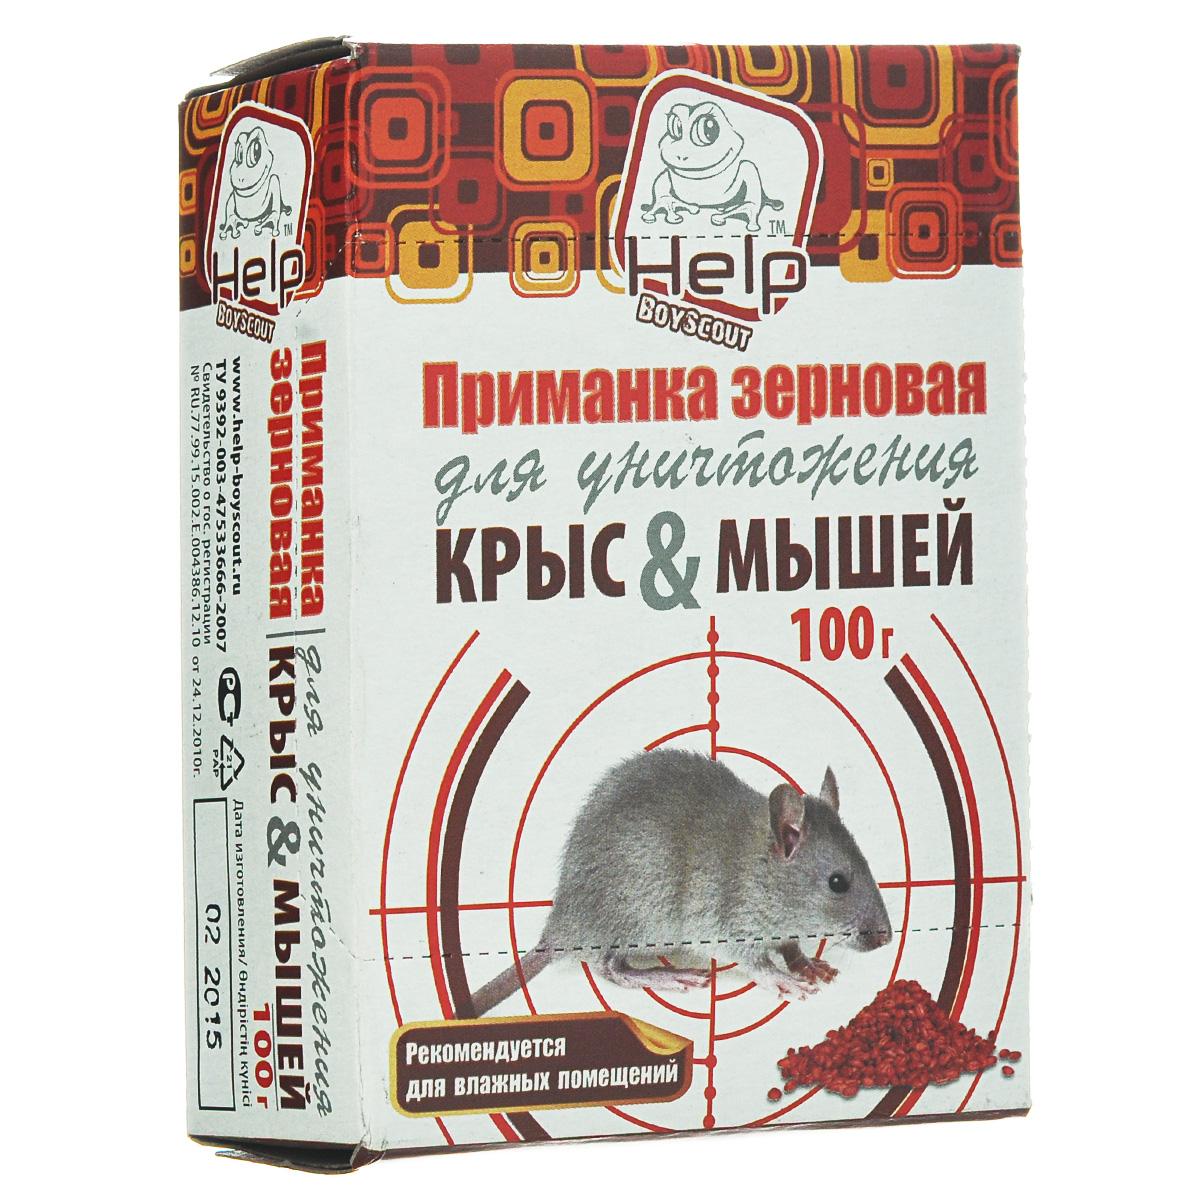 Приманка зерновая HELP для уничтожения крыс и мышей, 100 гBH-SI0439-WWПриманка зерновая HELP предназначена для уничтожения крыс (серые, черные, водяные), мышей в жилых и нежилых помещениях, в канализационных сооружениях, в подвалах, погребах. Инструкция по применению указана на упаковке.Рекомендуется для влажных помещений.Вес: 100 г.Товар сертифицирован.